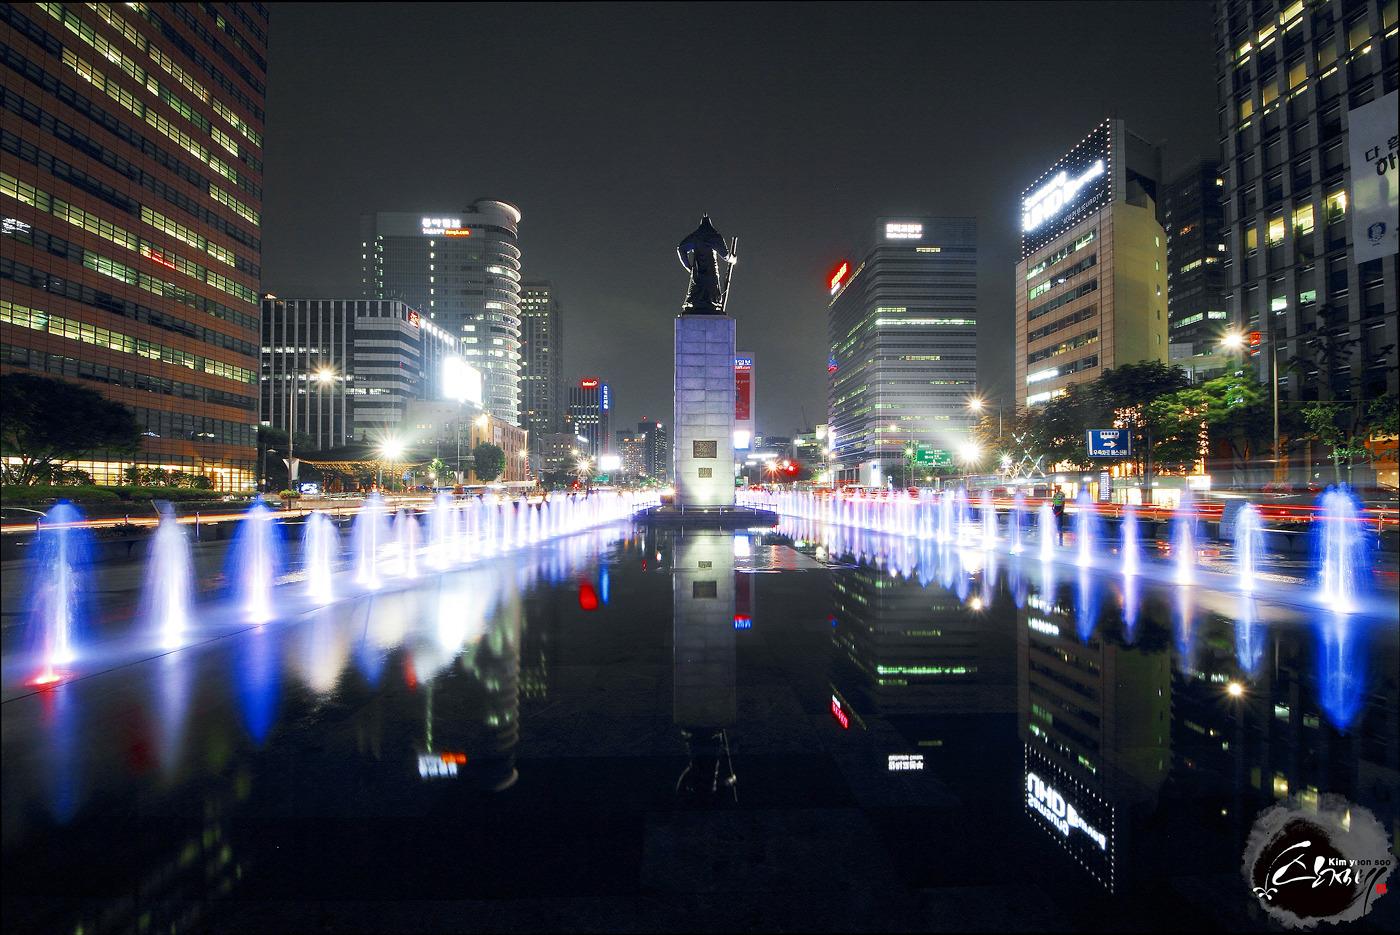 서울명소 캐논 7D 광화문광장분수 반영 야경